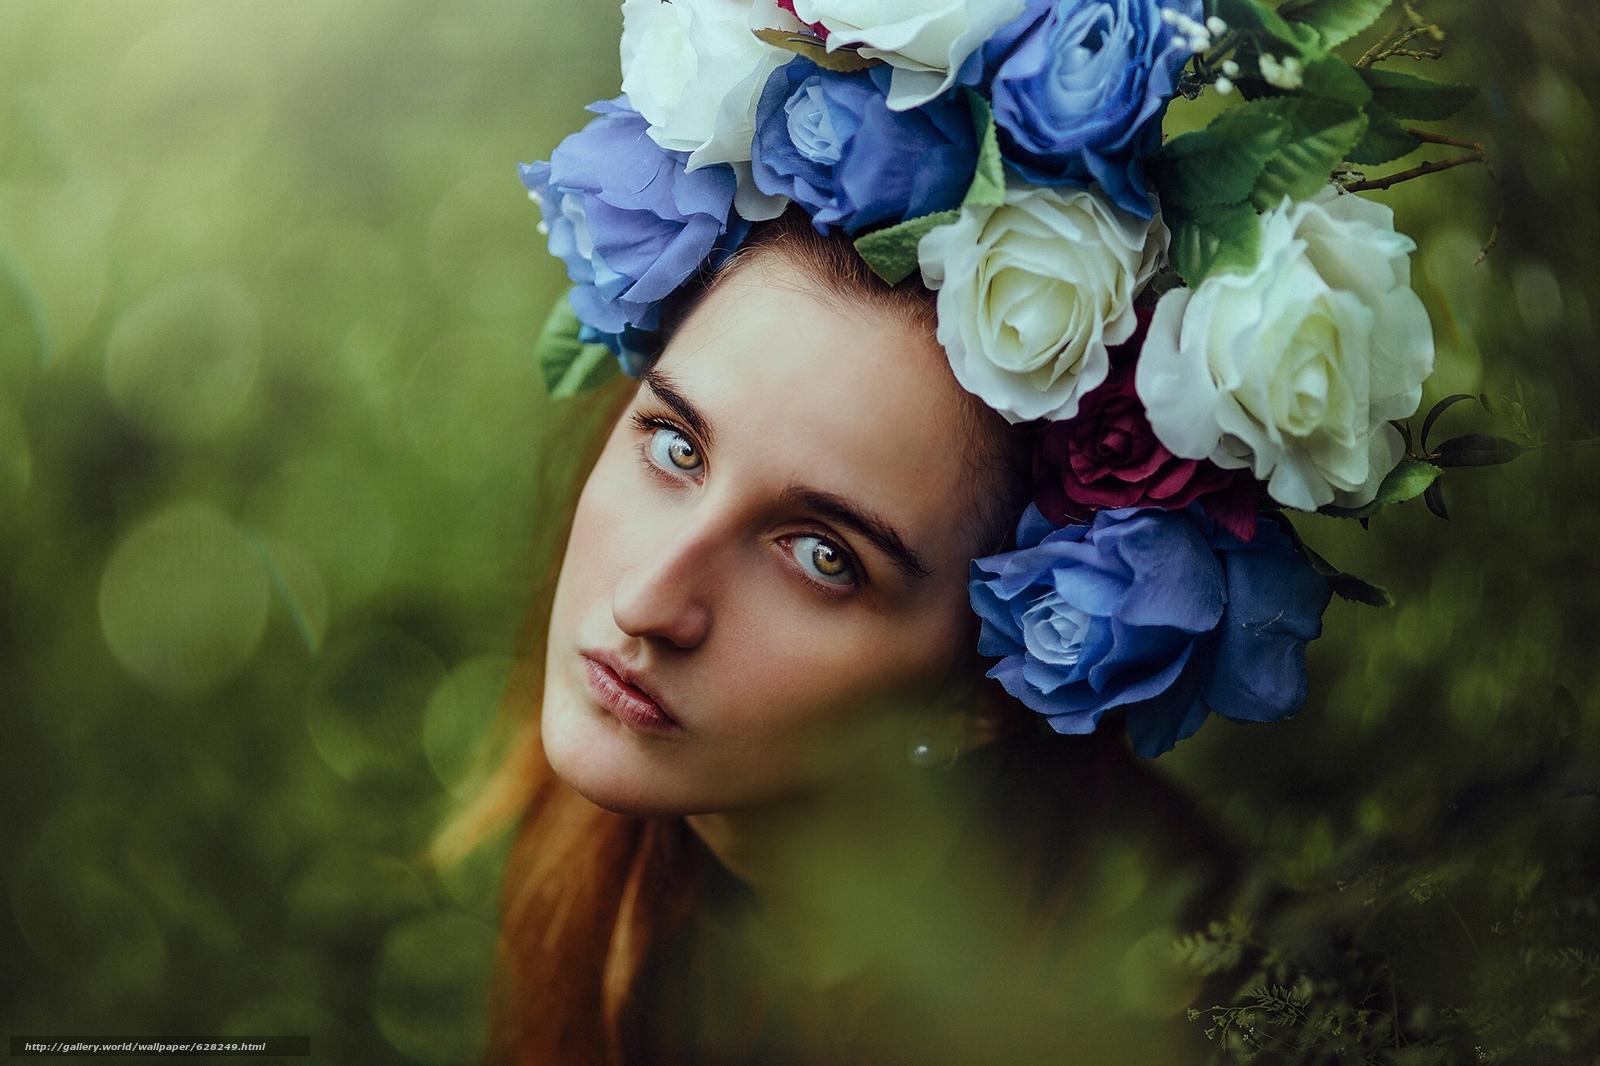 Скачать на телефон обои фото картинку на тему девушка, лицо, взгляд, портрет, венок, цветы, настроение, разширение 2048x1365